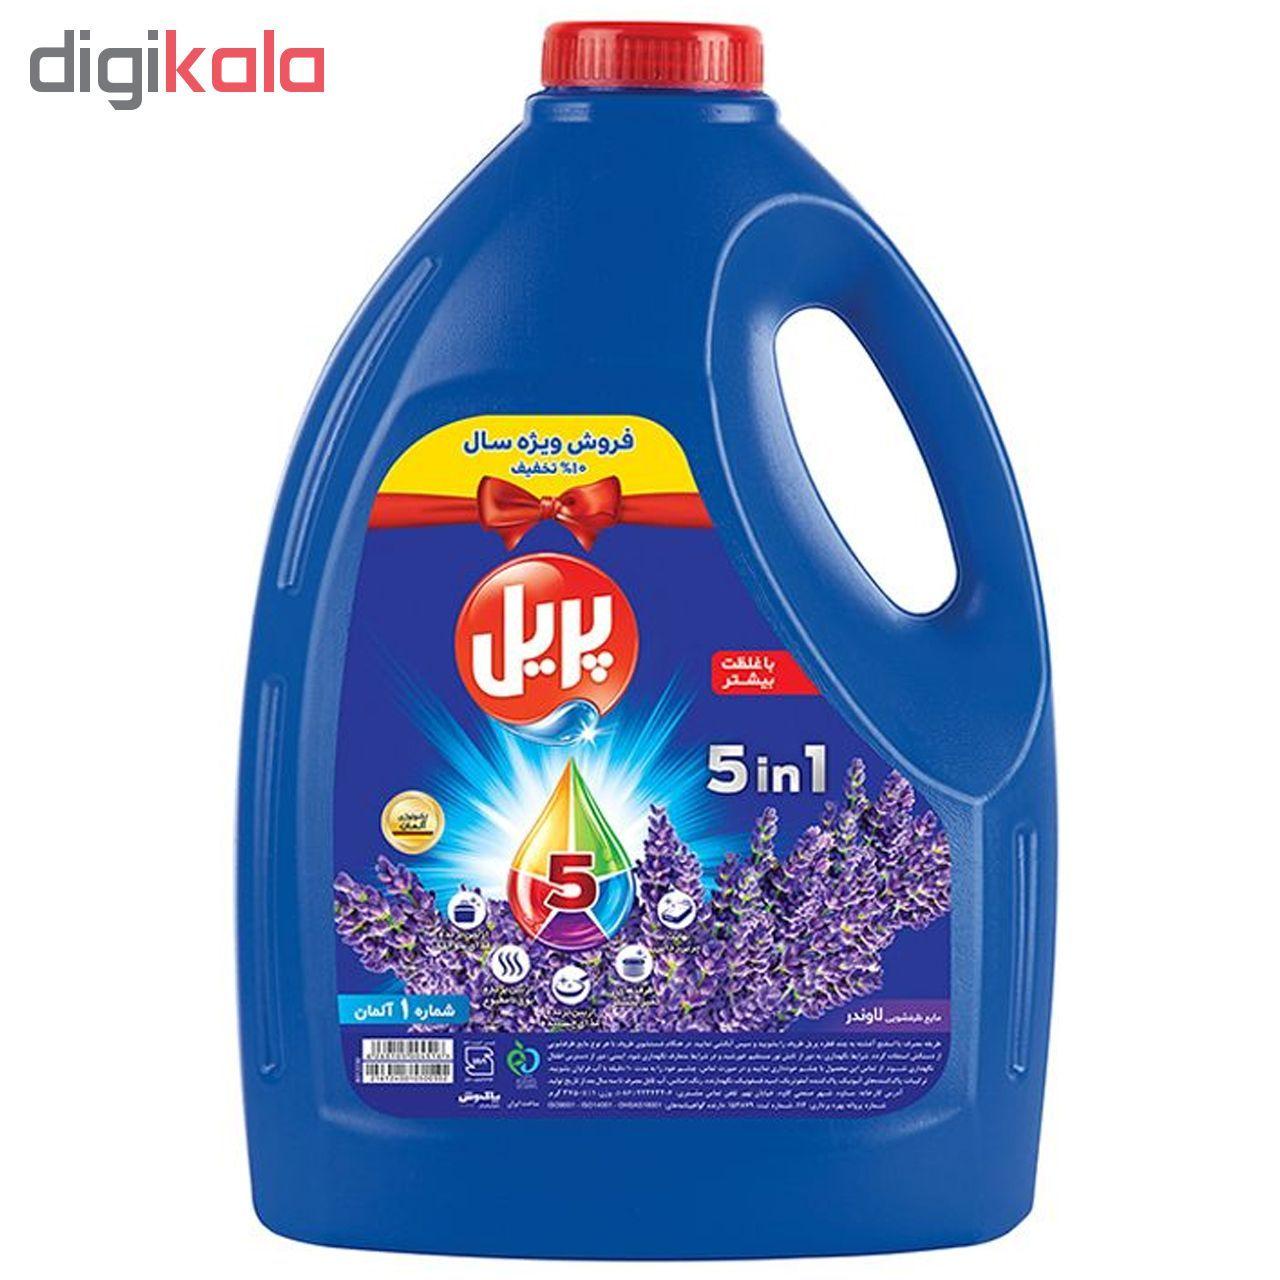 مایع ظرفشویی پریل مدل Lavender حجم 3.75 لیتر main 1 1